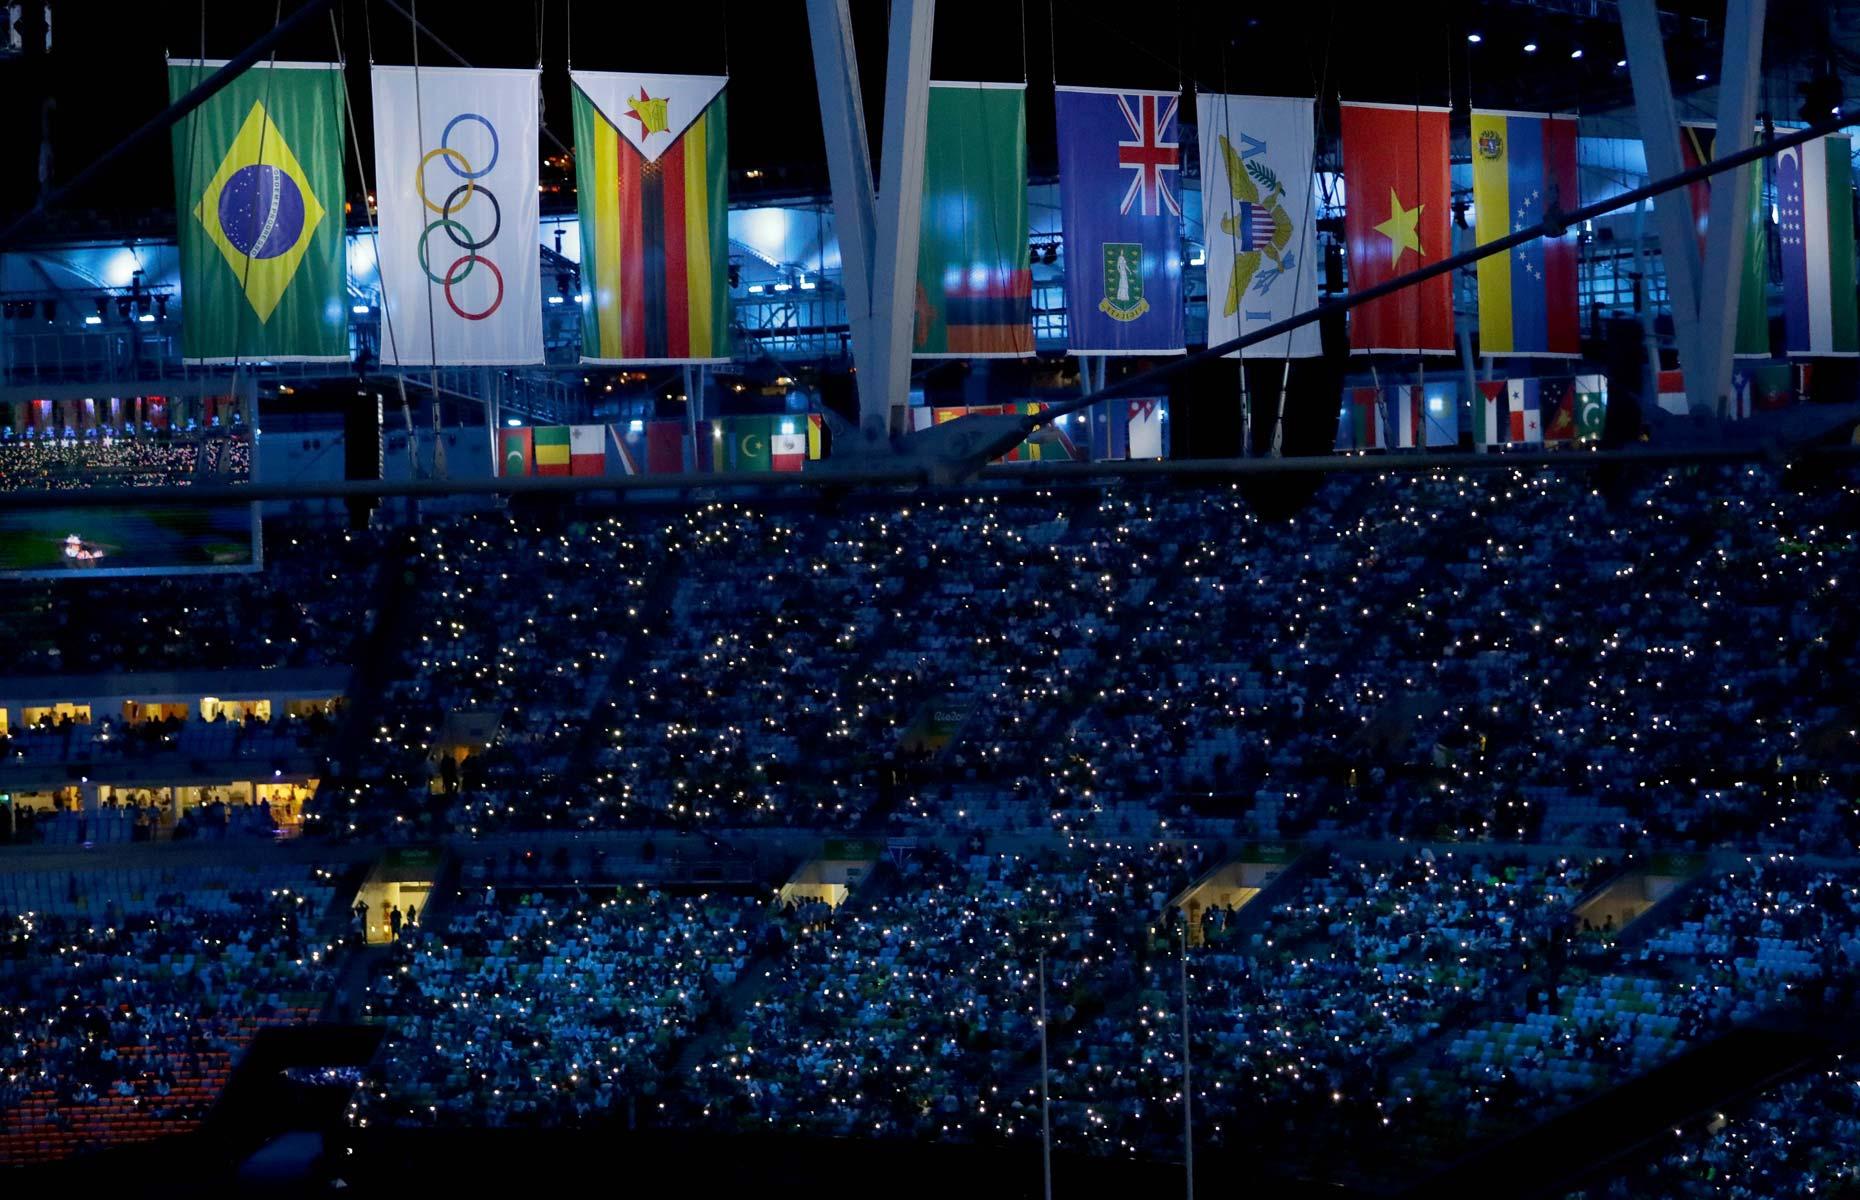 Bandeiras estão hasteadas dentro do estádio para cerimônia